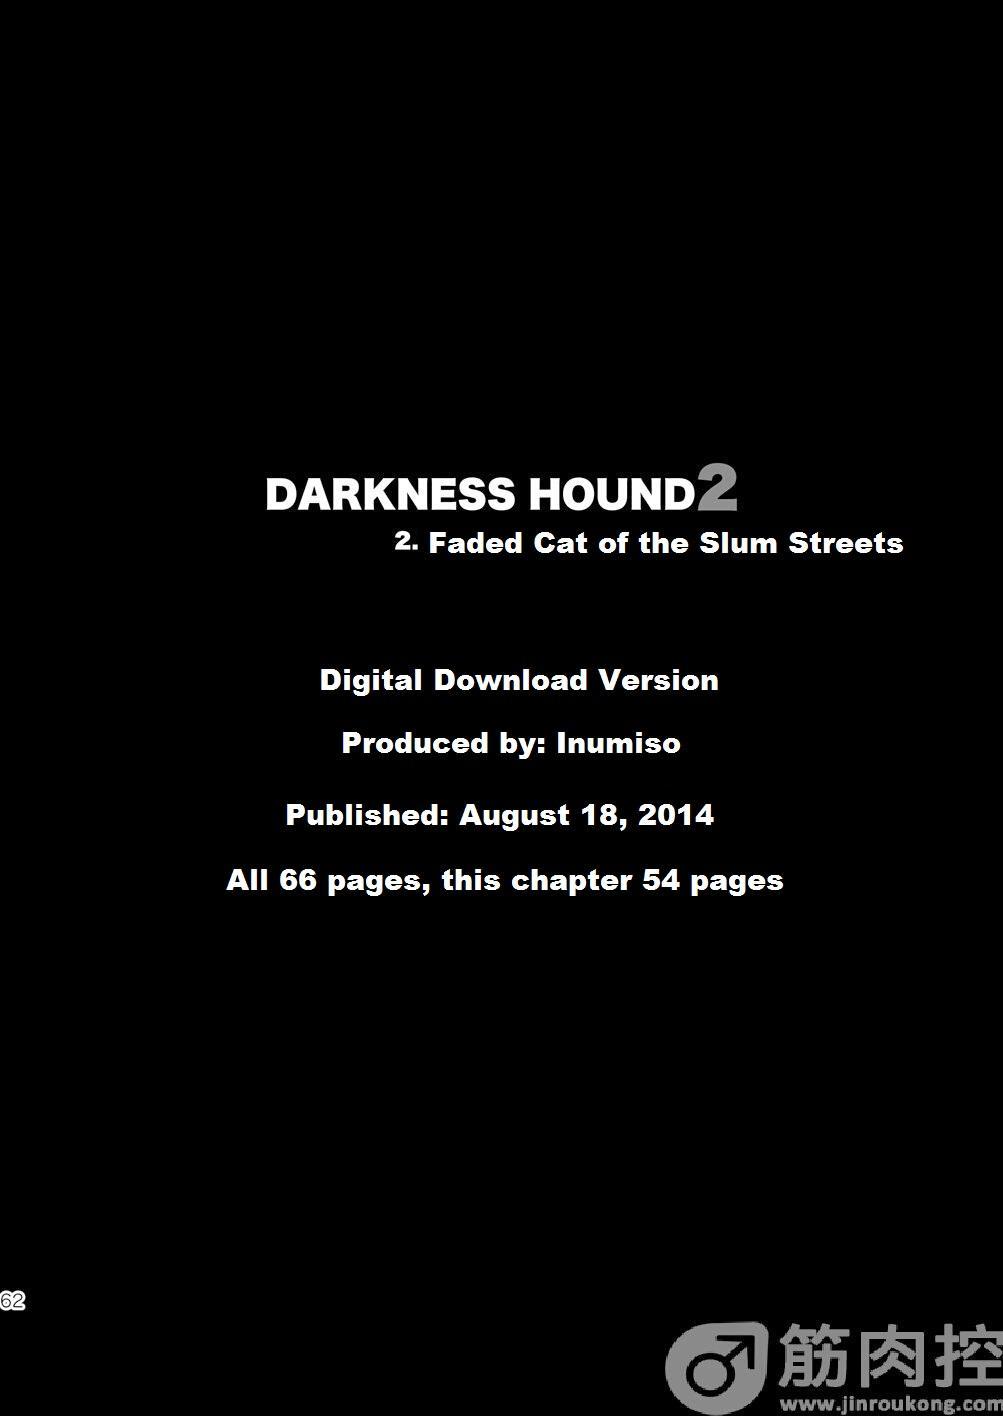 Darkness Hound 2 60